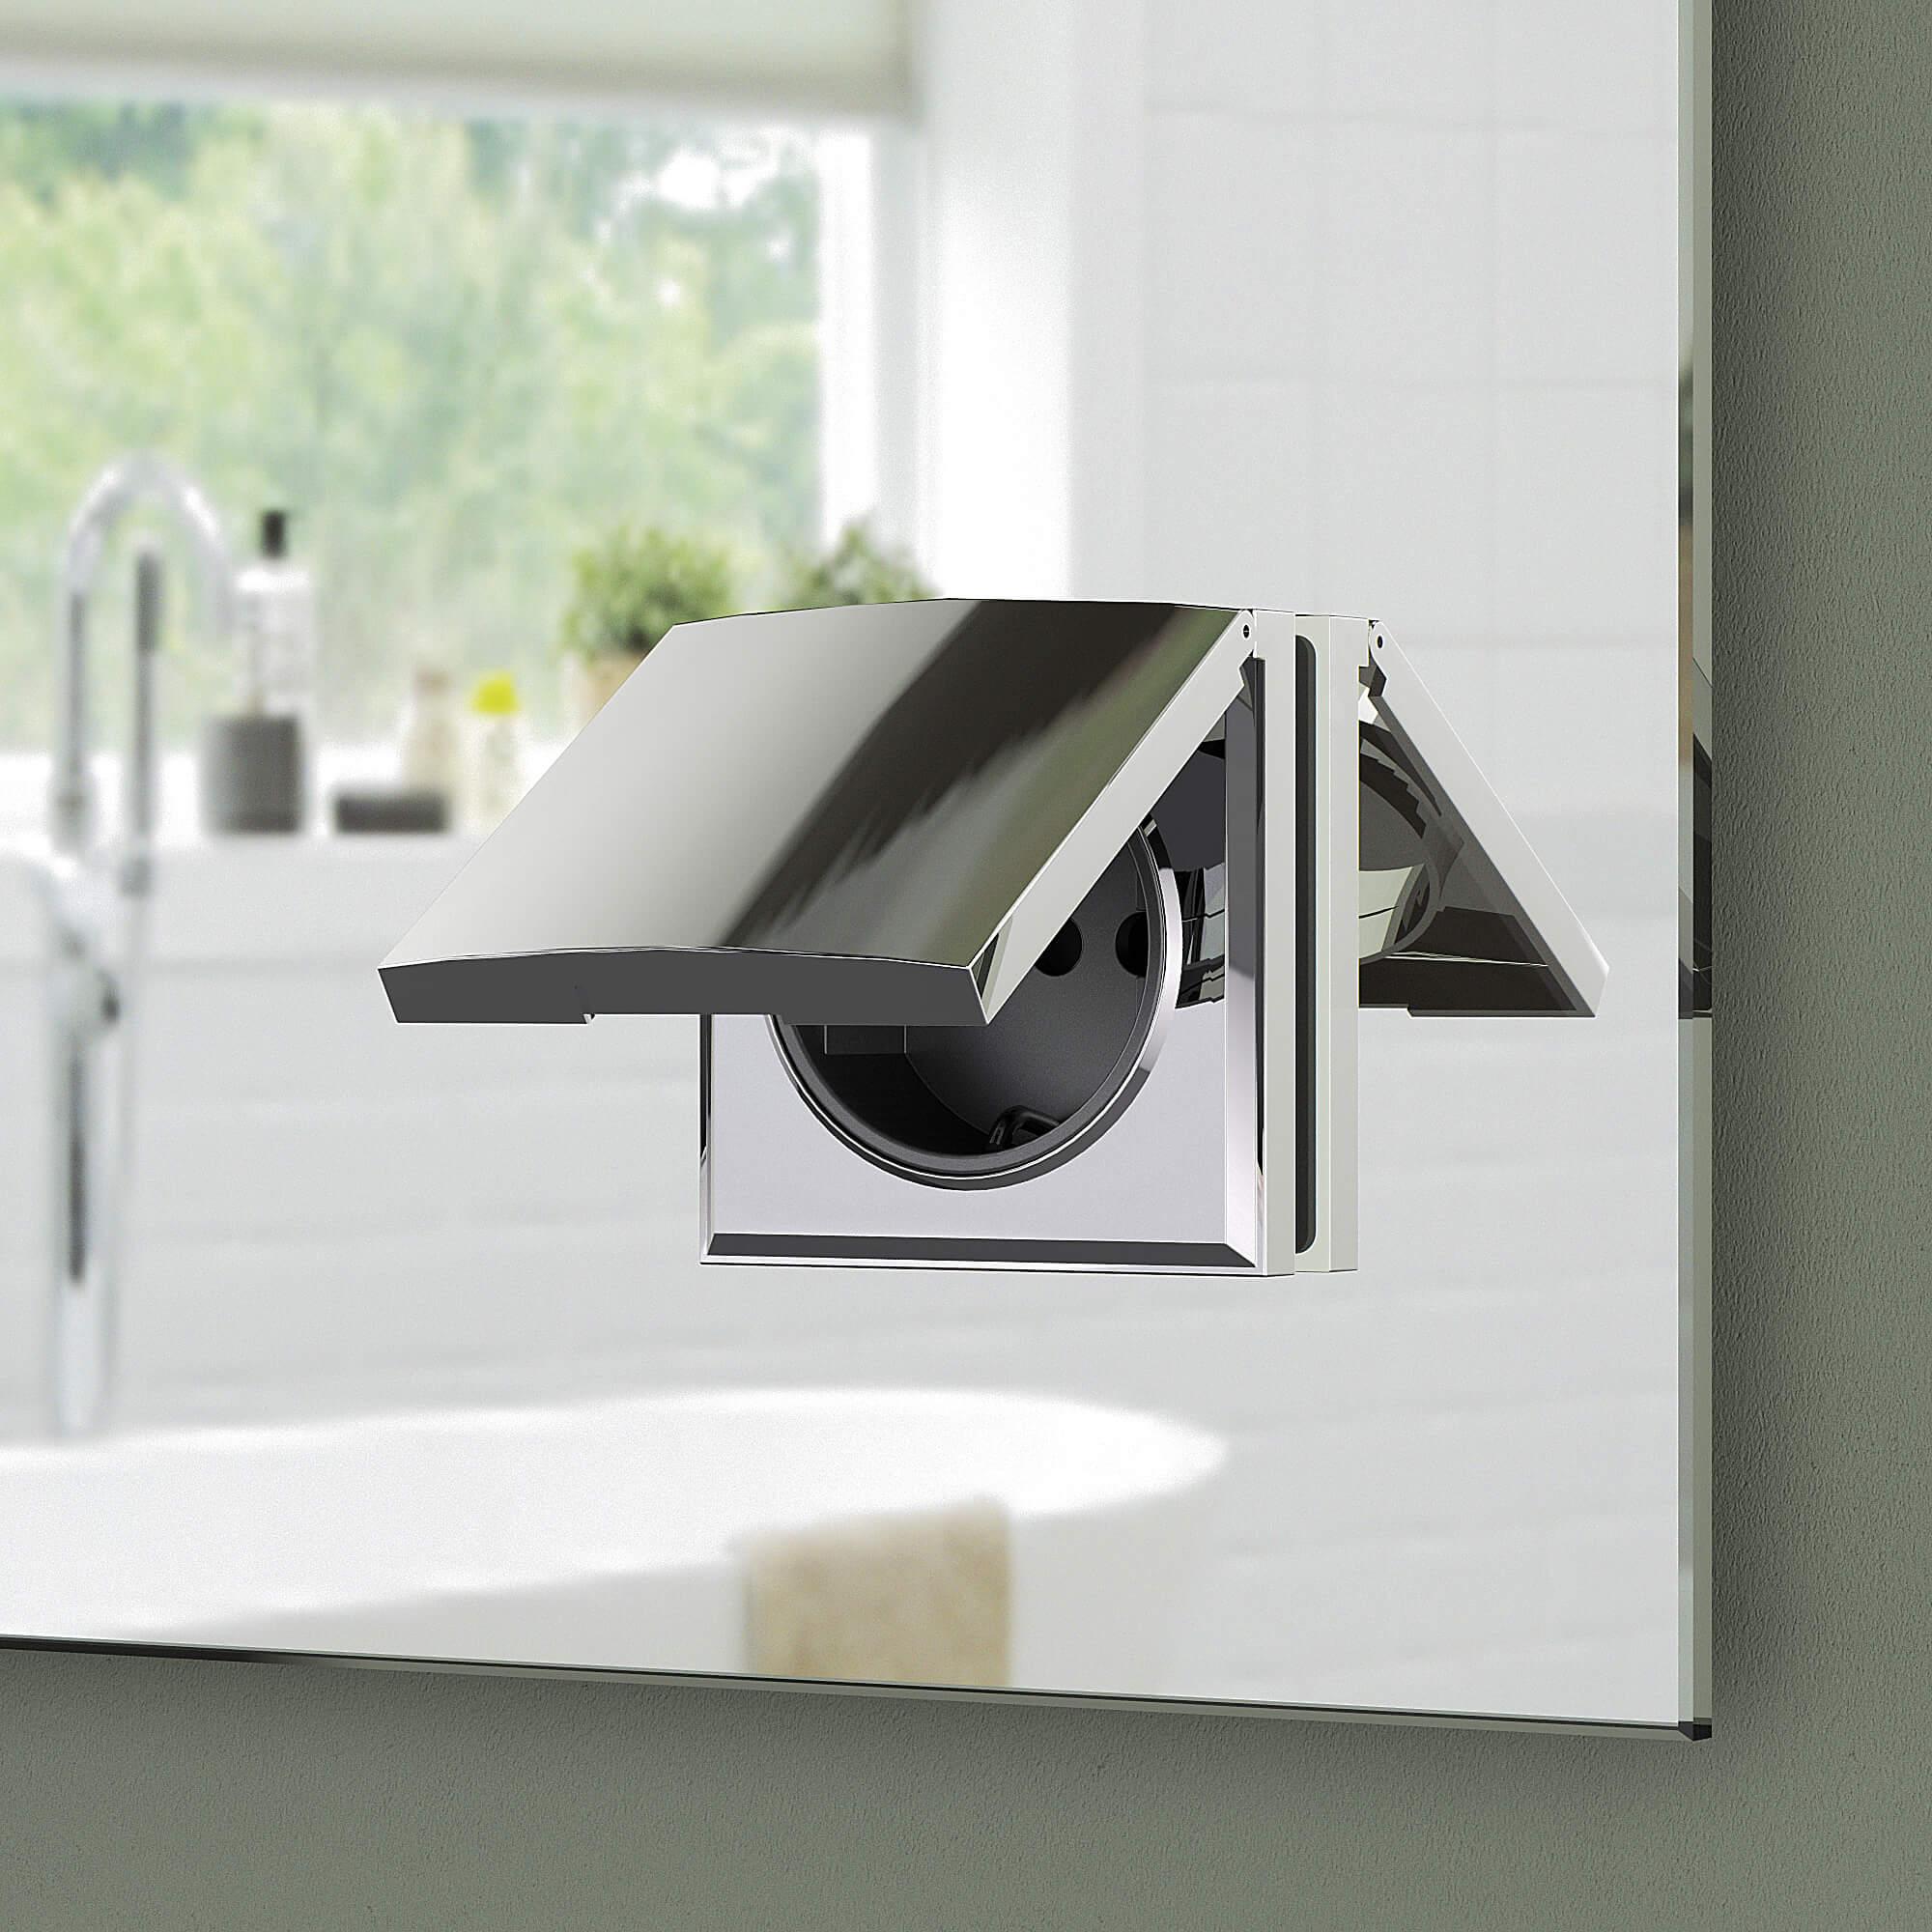 Badspiegel Mit Ablage Badezimmerspiegel Mit Steckdose